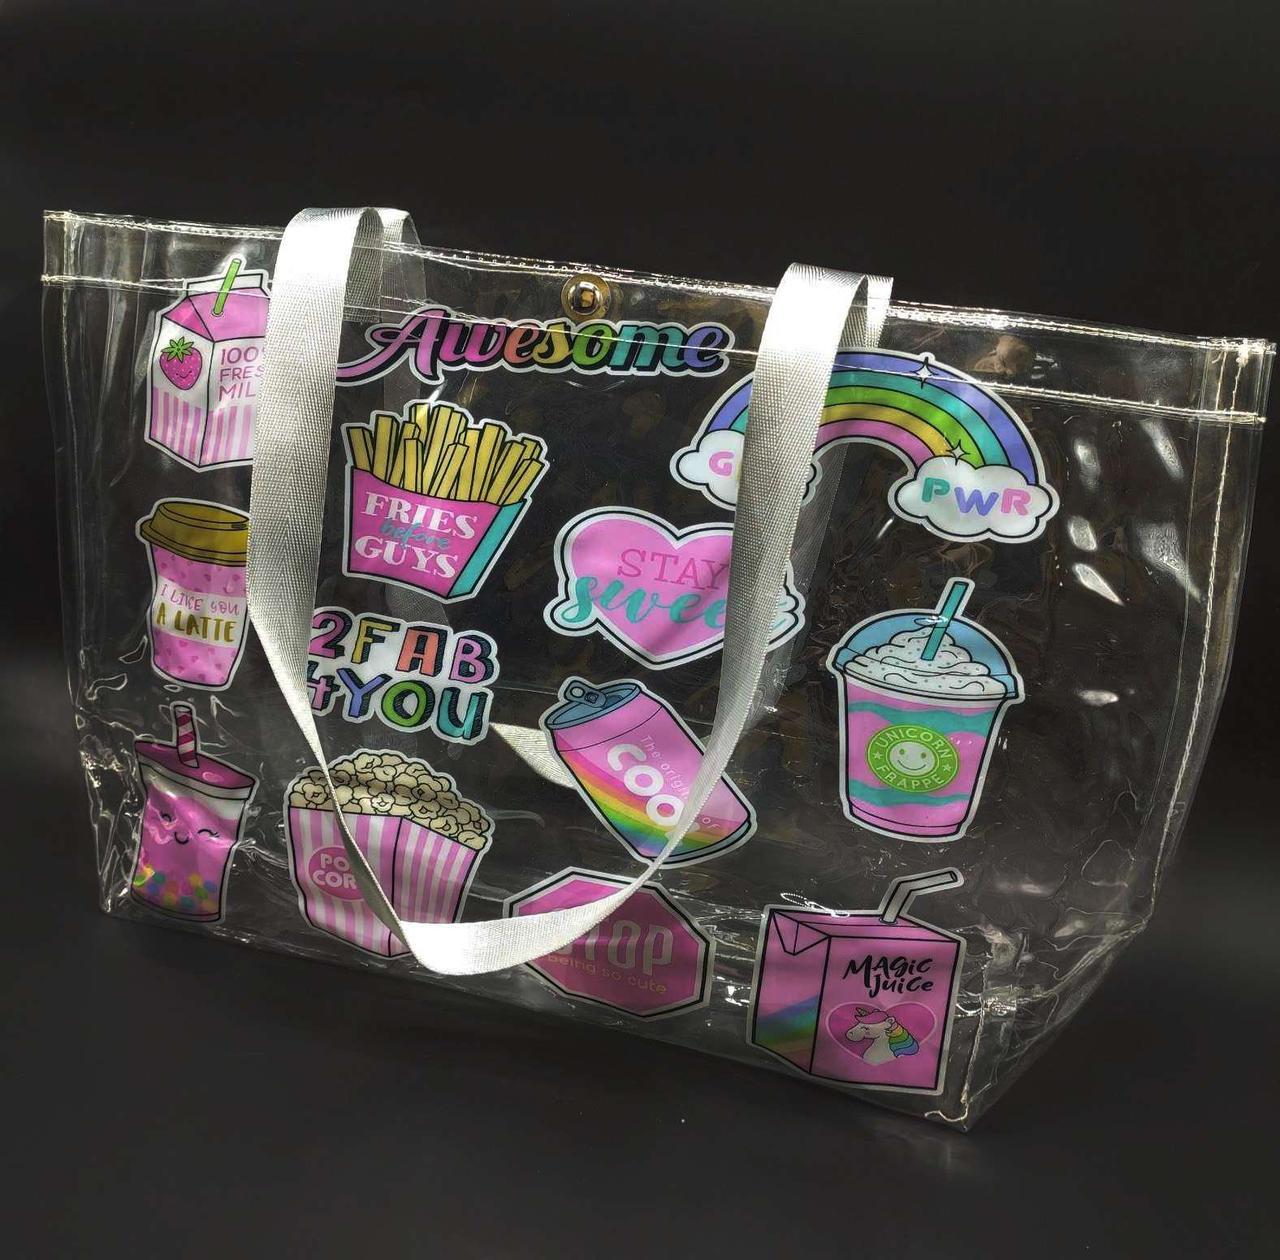 Прозрачная стильная сумка - 2FAB4YOU